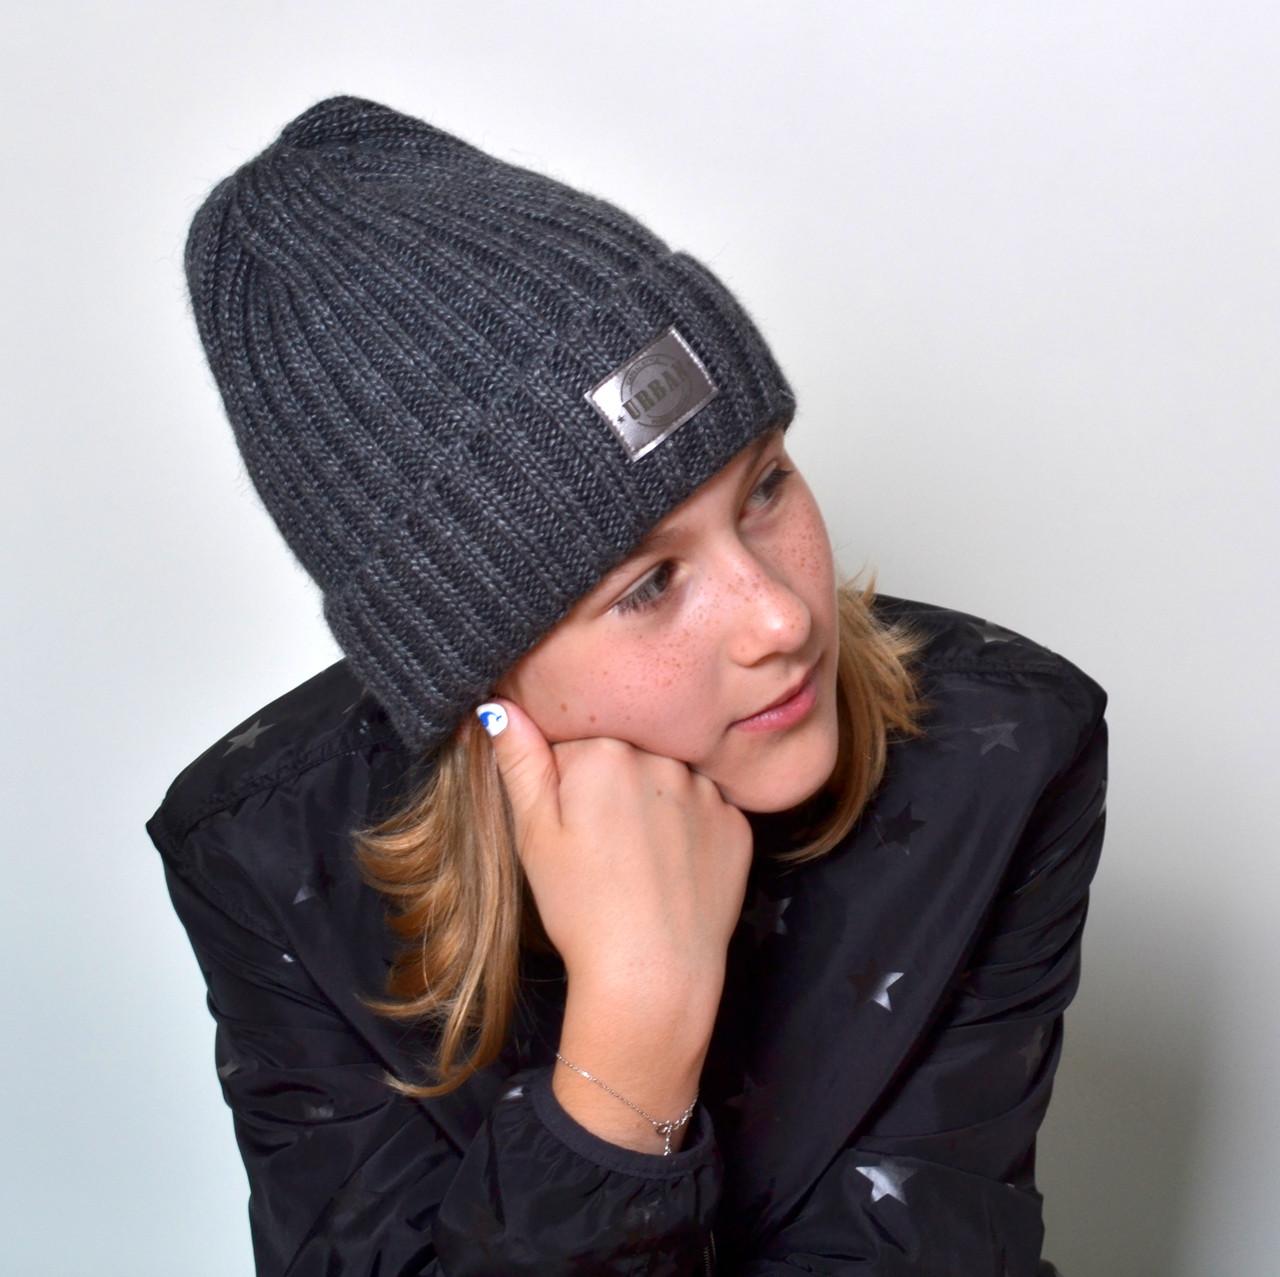 Новинка! Зимняя шапка Урбан с флисом. разм: р.52-54(4-7 лет) и р.54-56 (от 7 лет). Есть много цветов